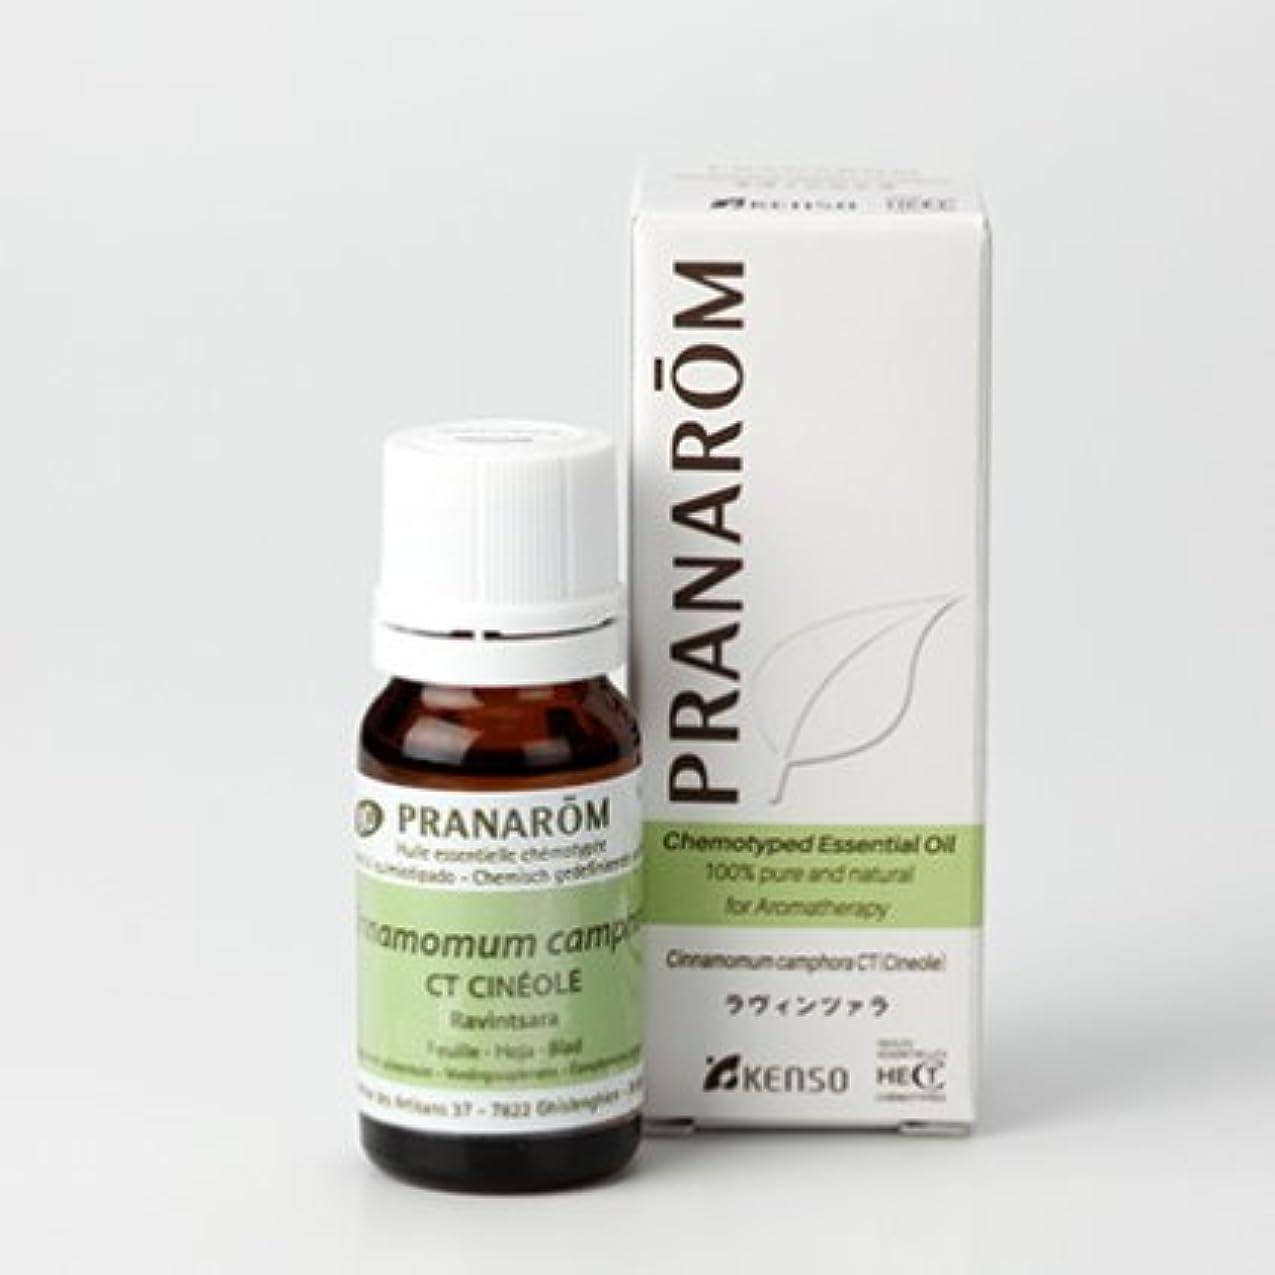 生産性乳白色真っ逆さまラヴィンツァラ(ラベンサラ) 10mlトップノート プラナロム社エッセンシャルオイル(精油)